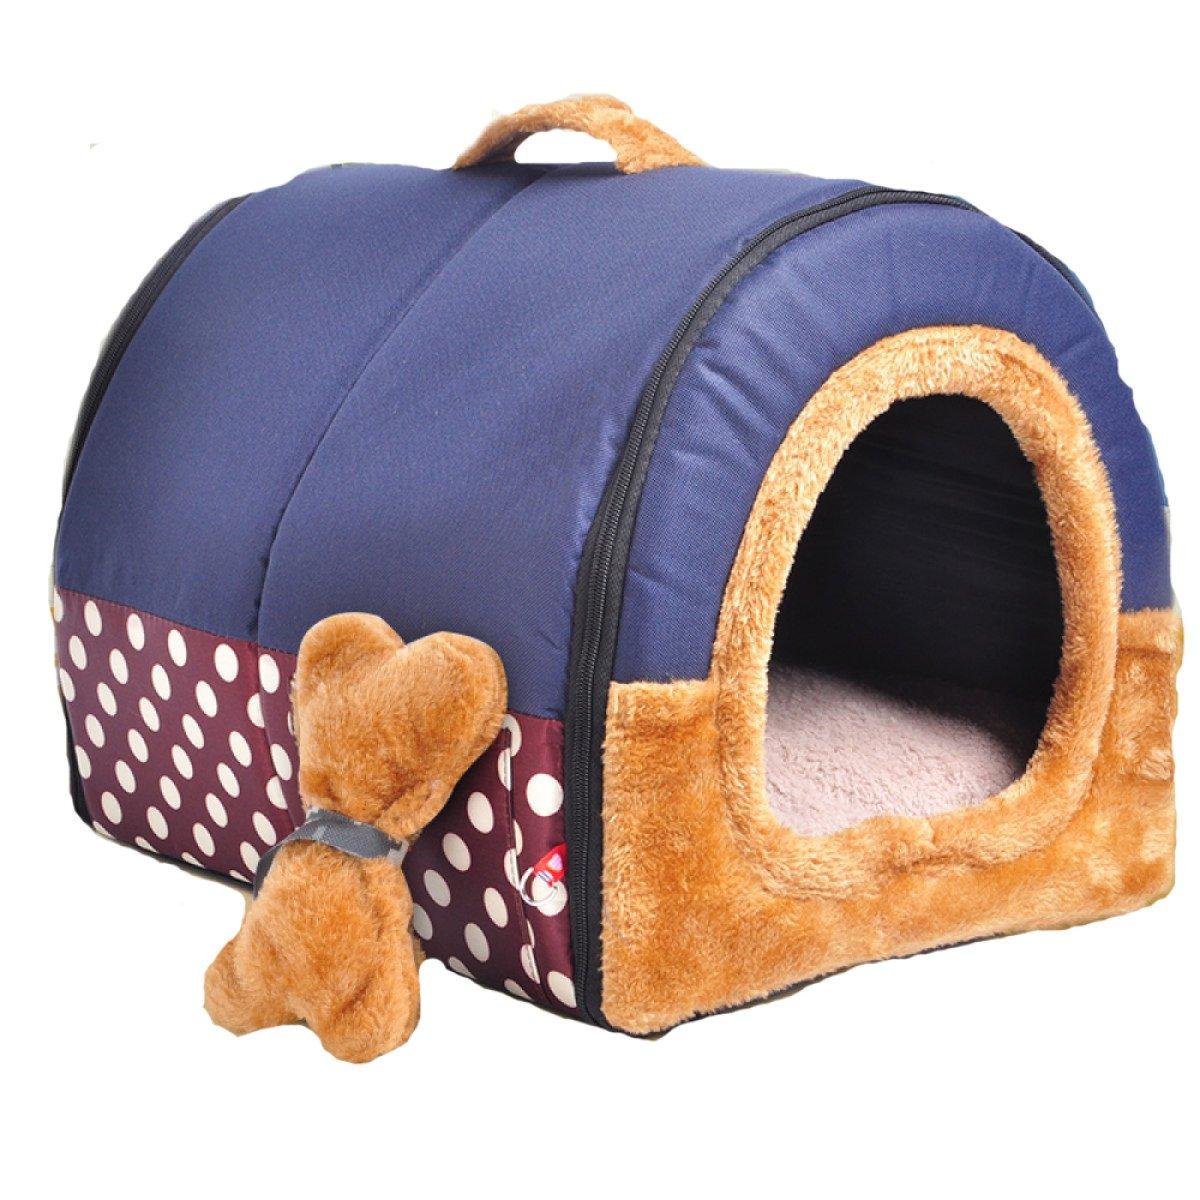 LDFN Cama De Perro Kennel Puede Cama Extraíble Olla Perro Grande Perro Mascota Suministra Cuatro Estaciones,E-L45*W38*H36cm/18 * 15 * 14in: Amazon.es: Hogar